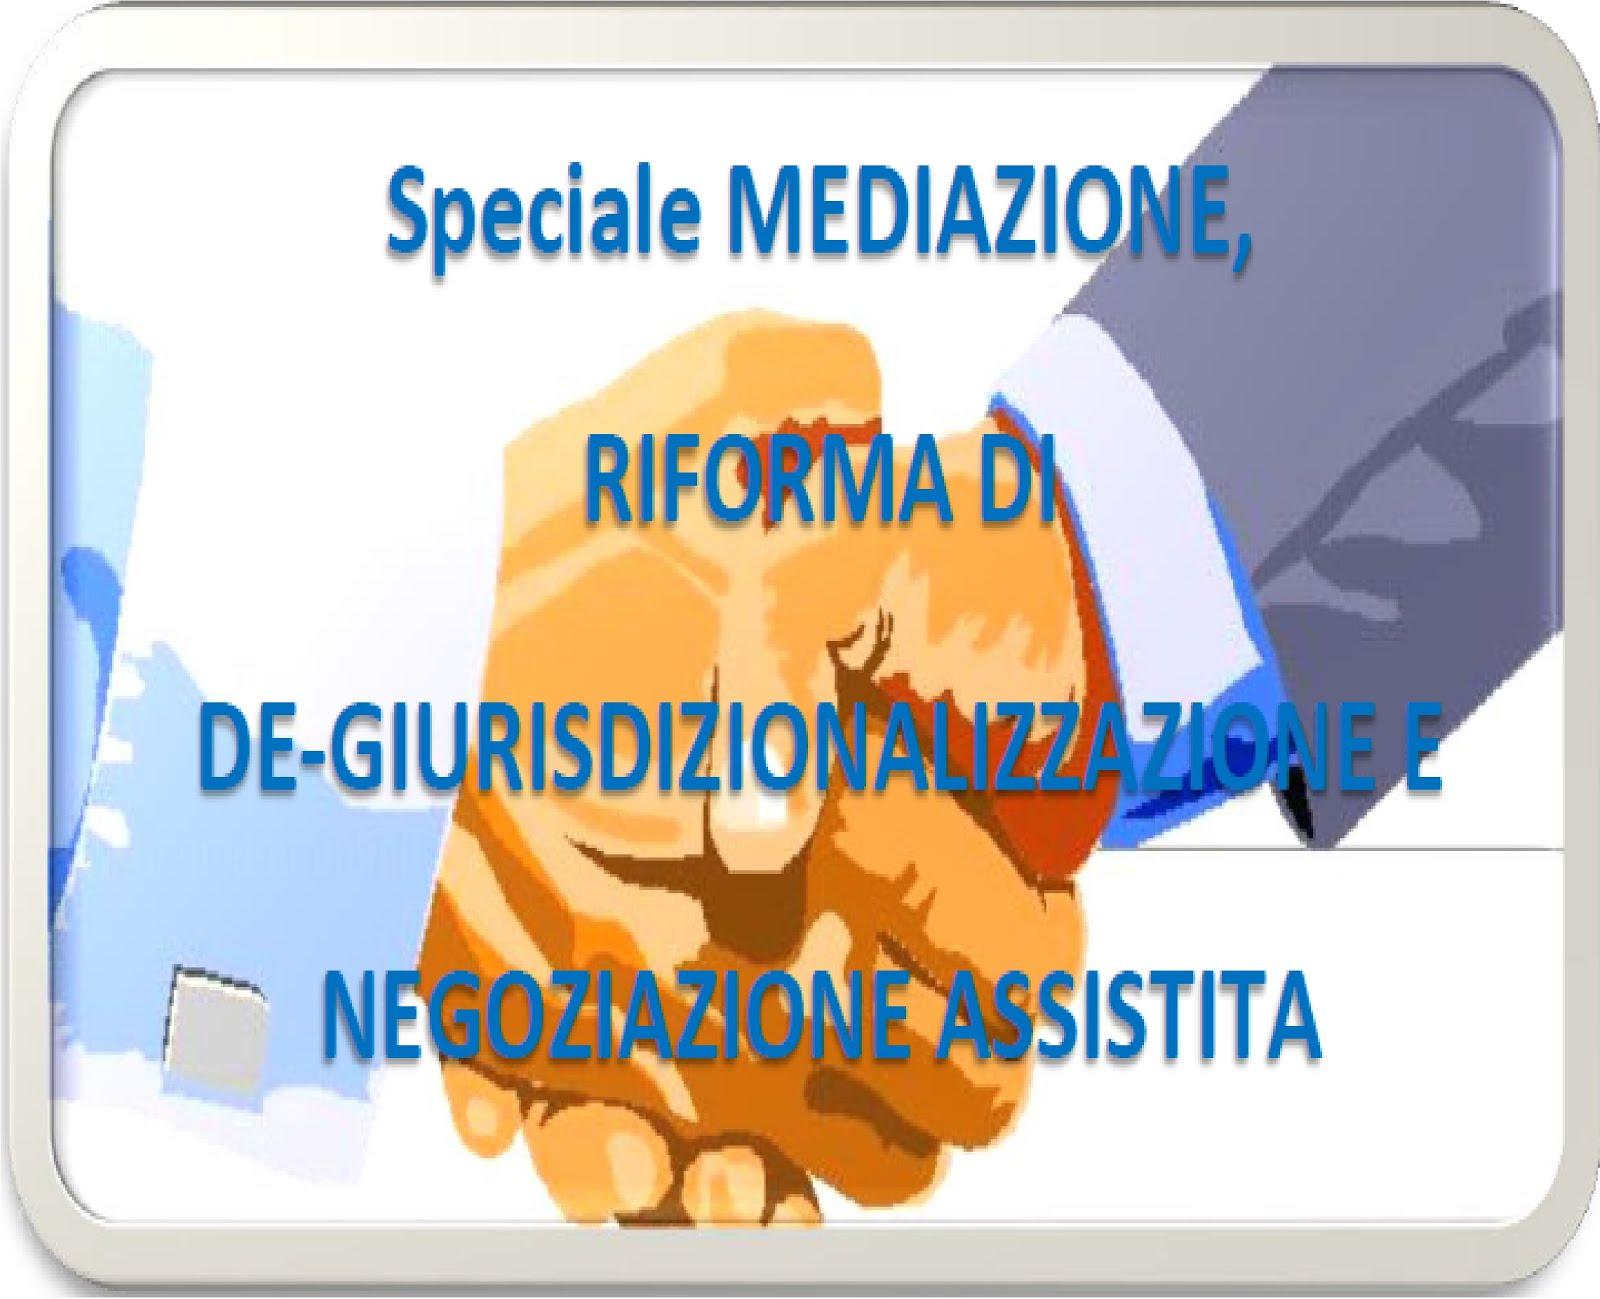 Speciale MEDIAZIONE, RIFORMA DI DE-GIURISDIZIONALIZZAZIONE E NEGOZIAZIONE ASSISTITA